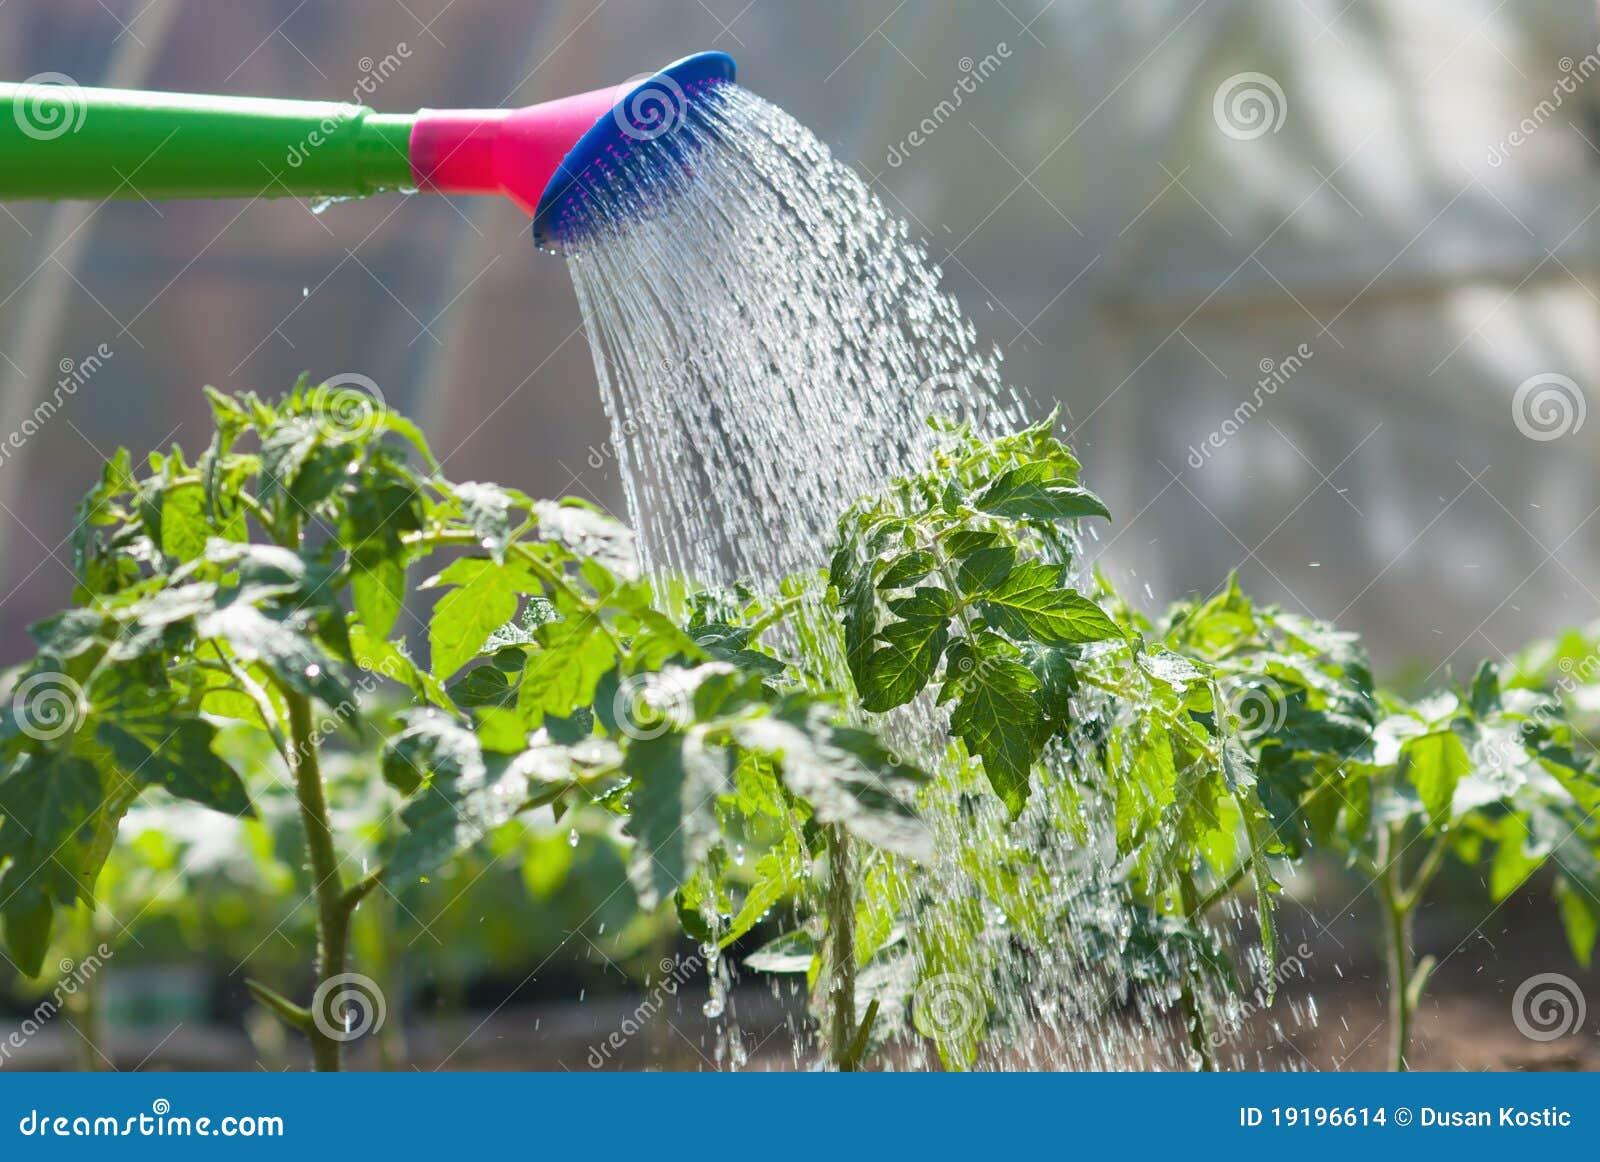 Tomate de riego de la planta de semillero imagenes de for Aspersores para riego de jardin